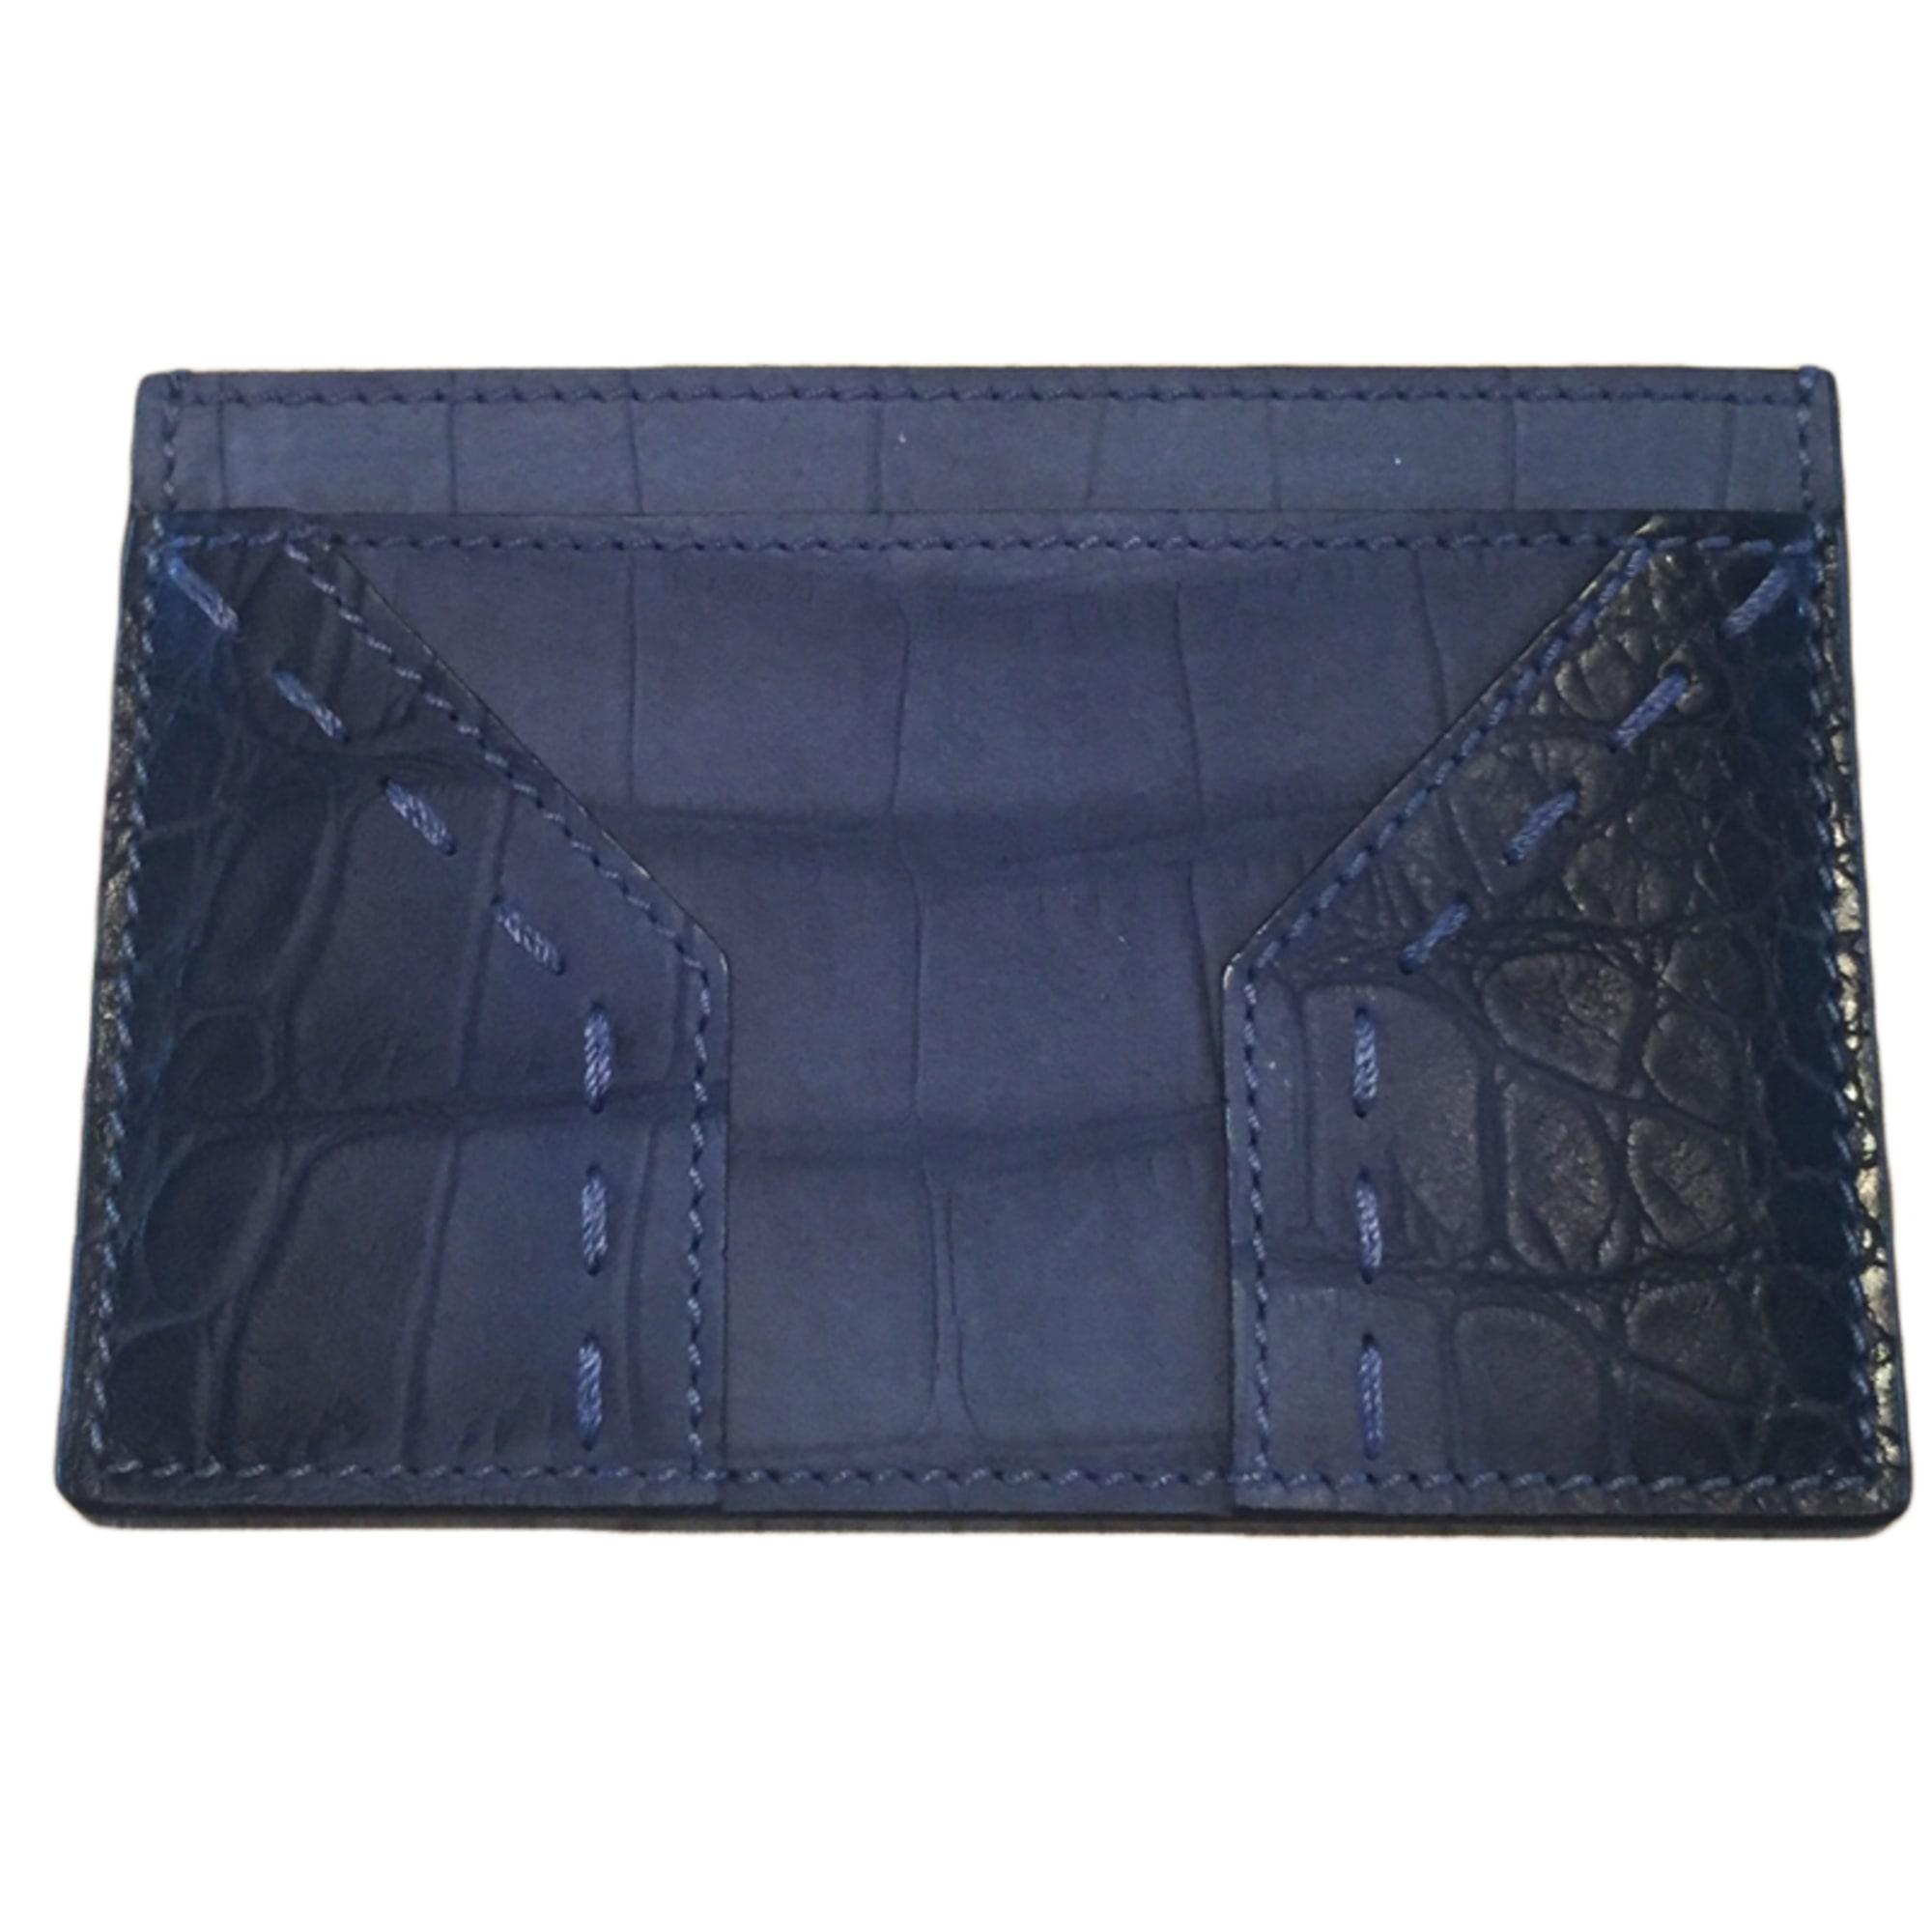 porte cartes yves saint laurent bleu gris vendu par. Black Bedroom Furniture Sets. Home Design Ideas